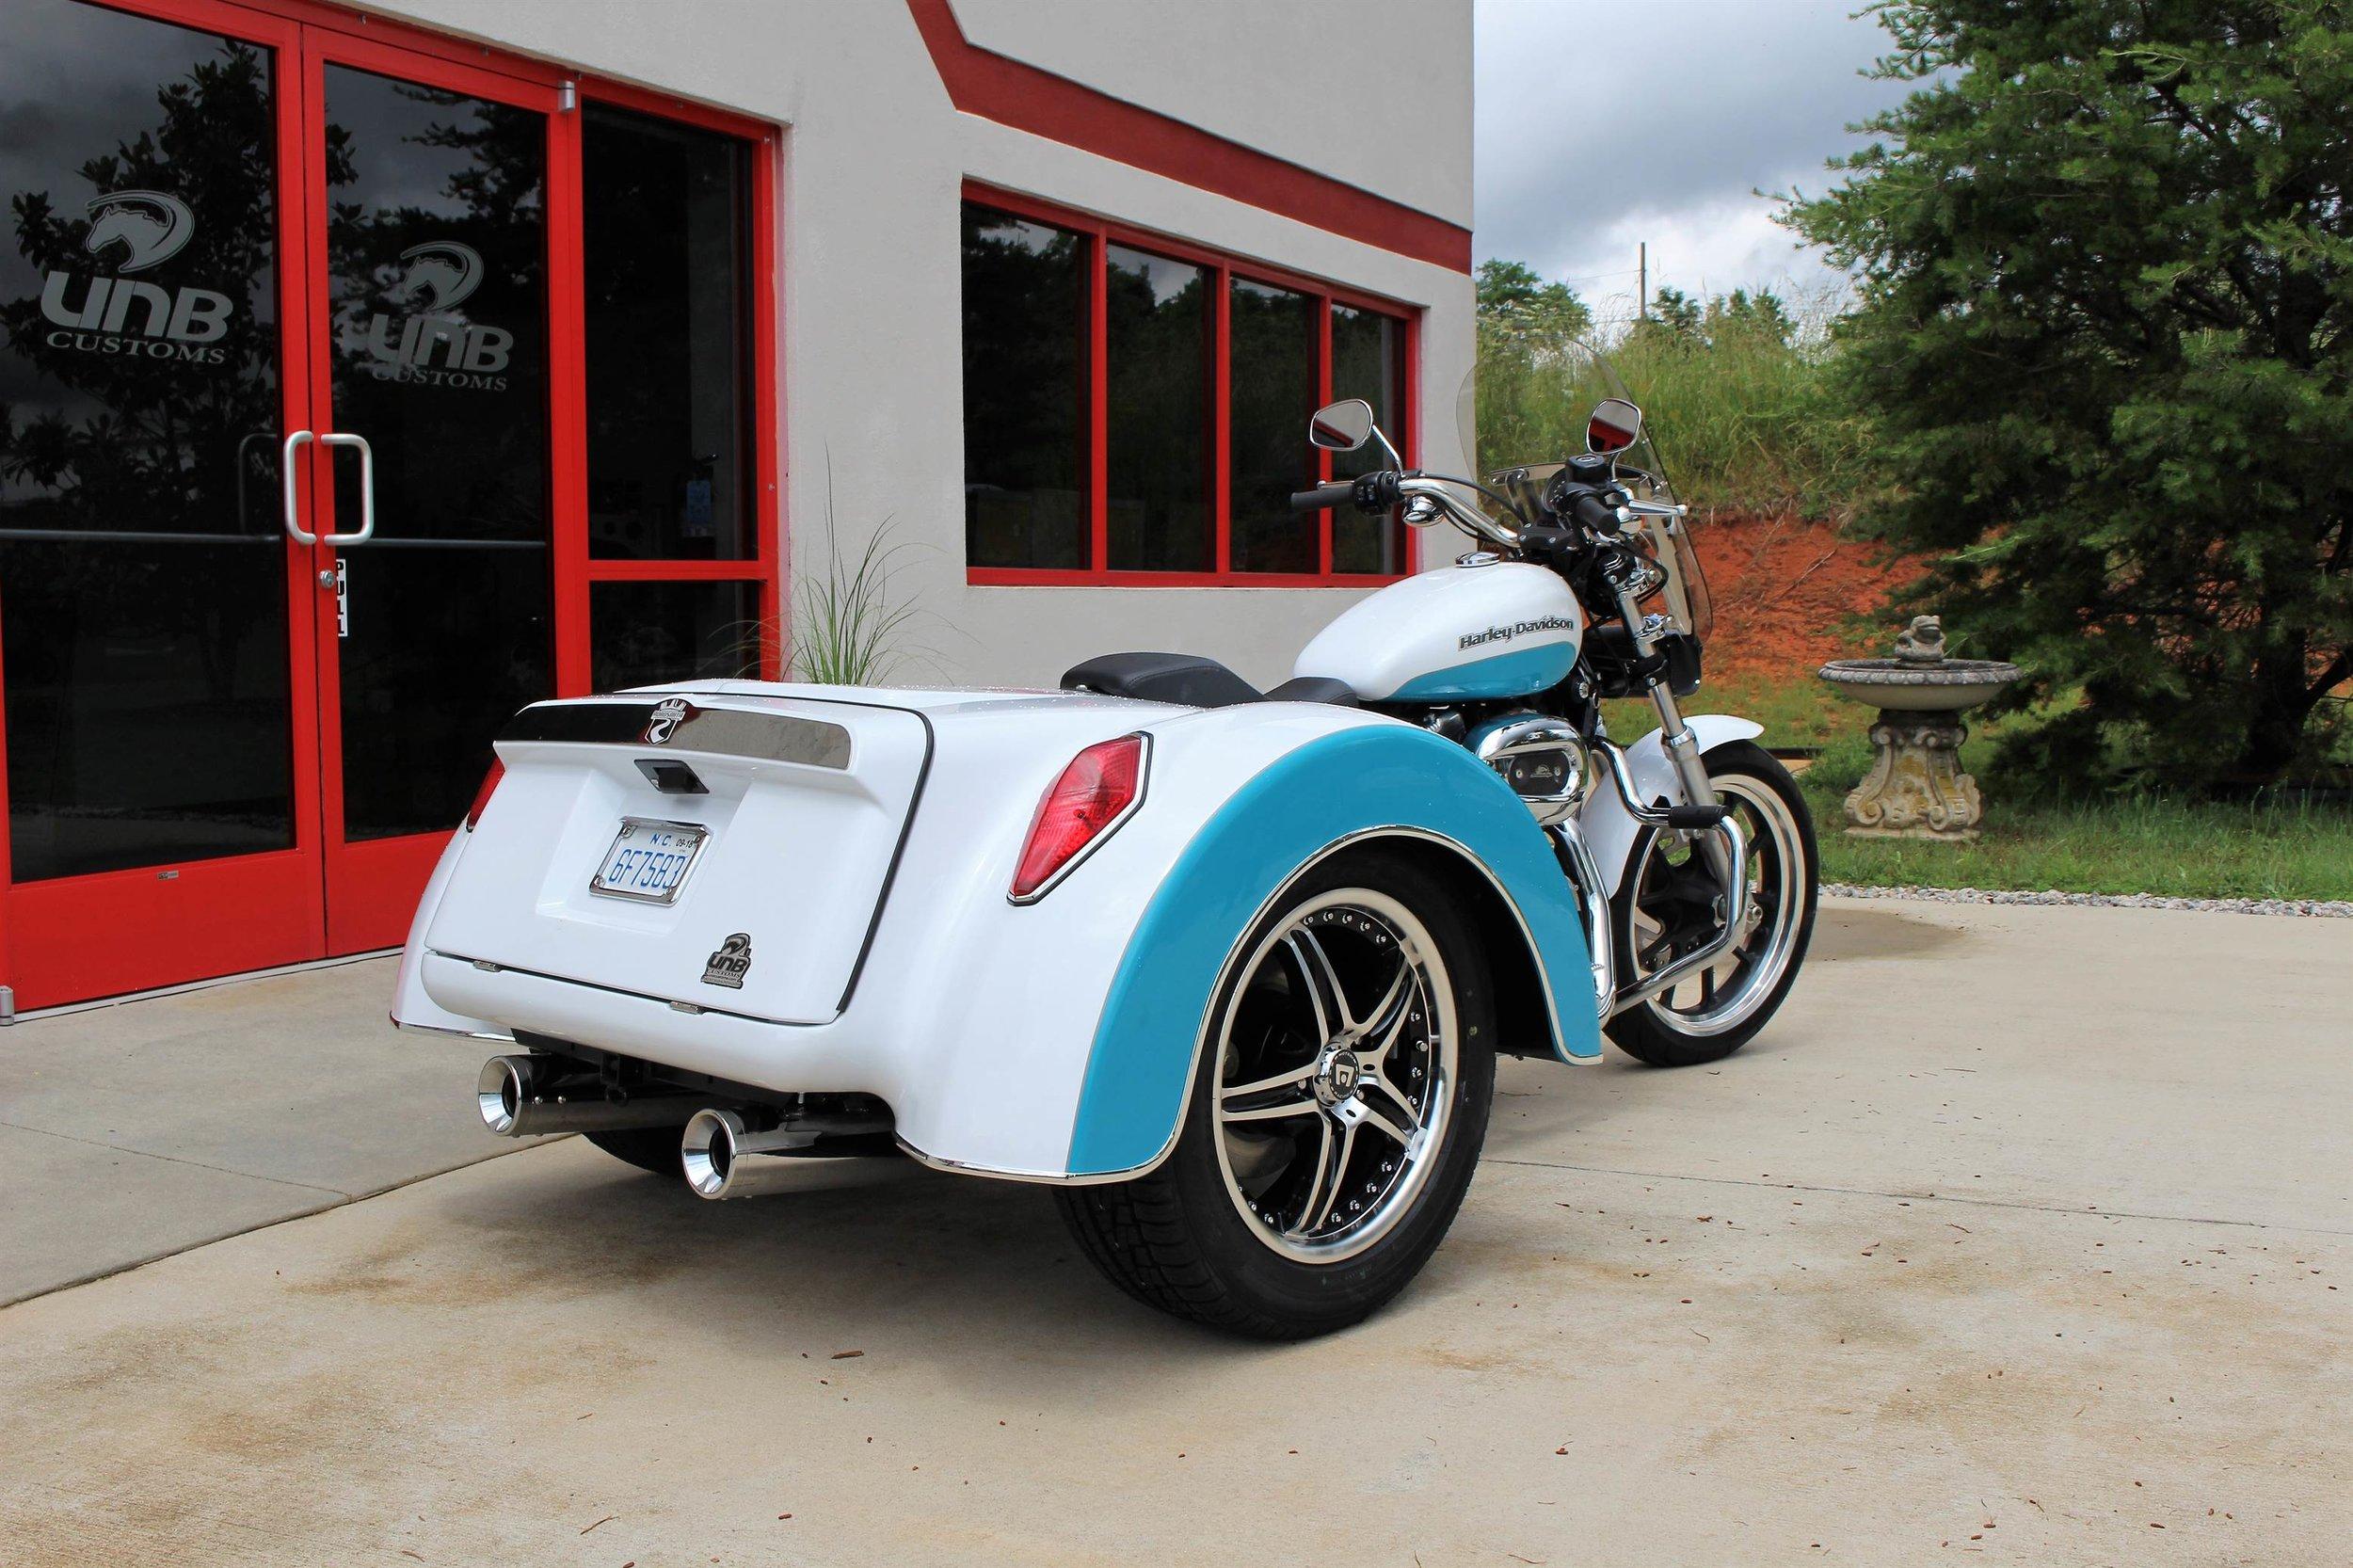 HD Sportster Roadsmith trike rear